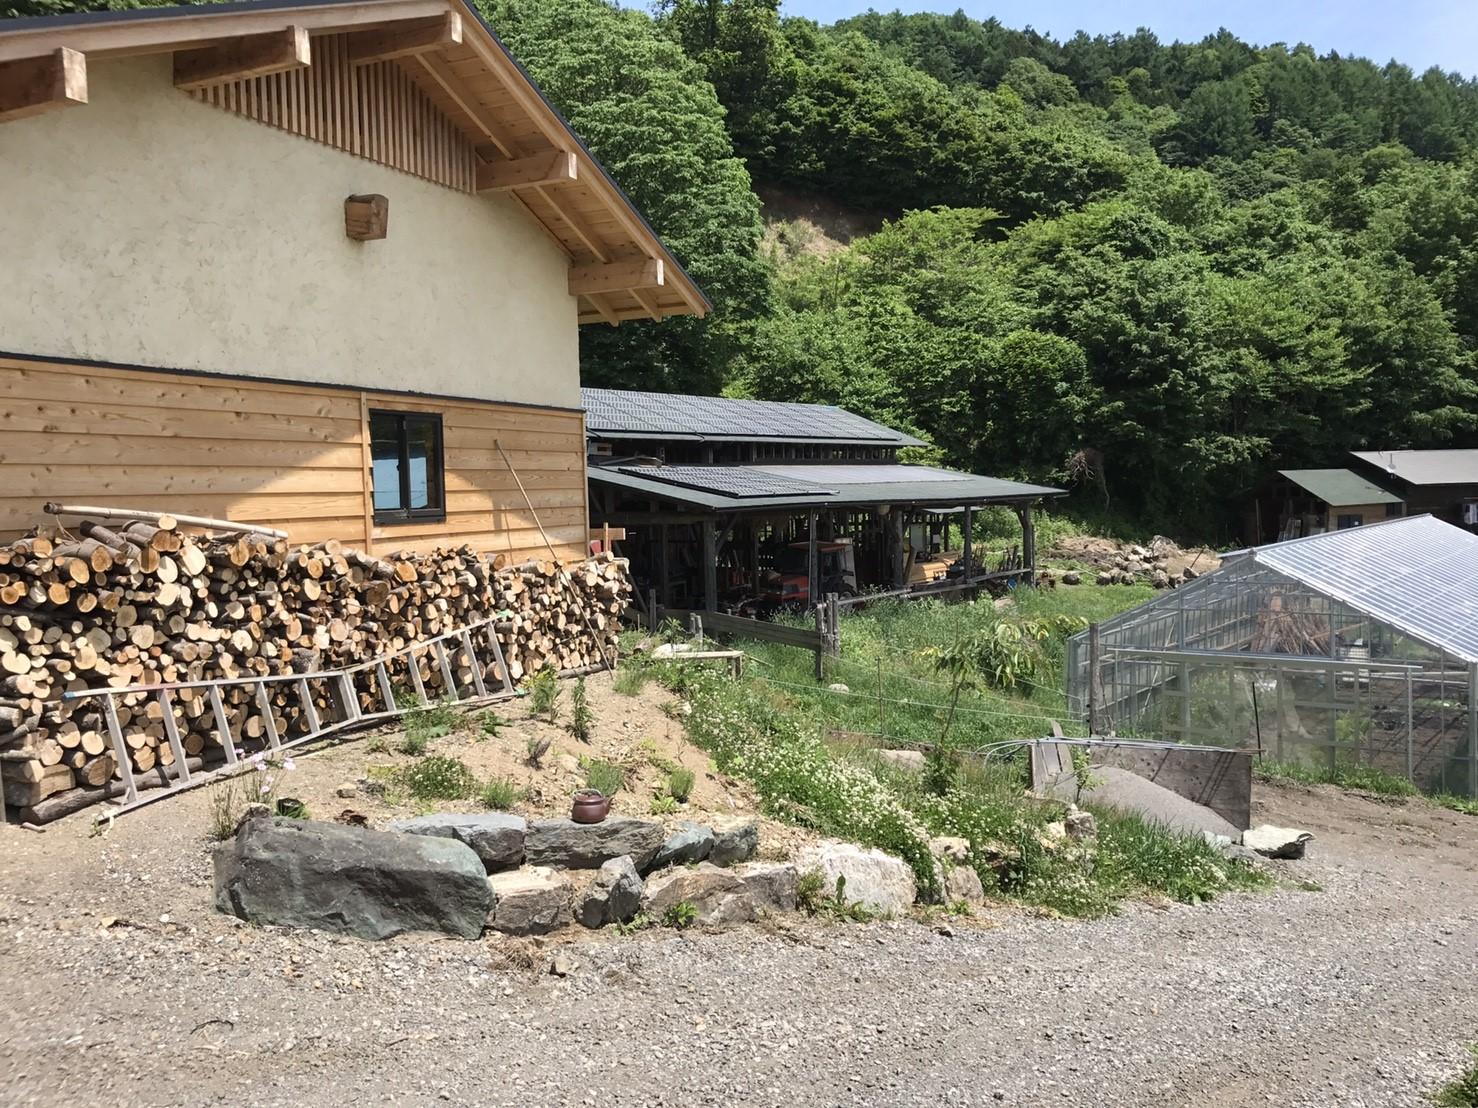 4f494a170766c8b31e45b51a6403ae4e 1 - 7月1日(土)DASH村の様なプロジェクト 参加申し込み受付中です。